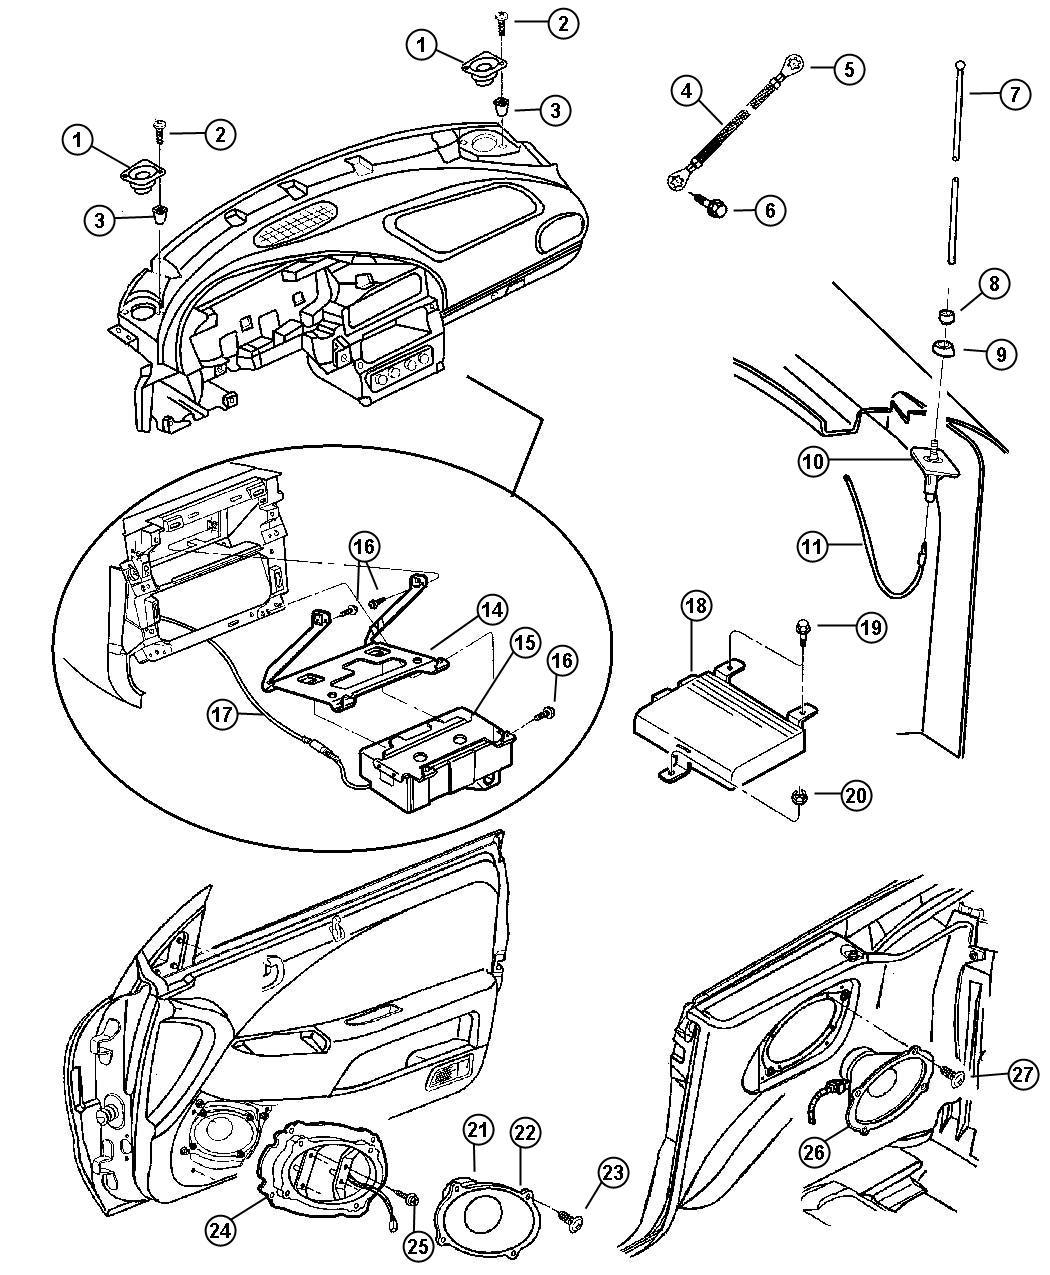 1998 Chrysler Sebring Amplifier. Radio. Speakers, infinity